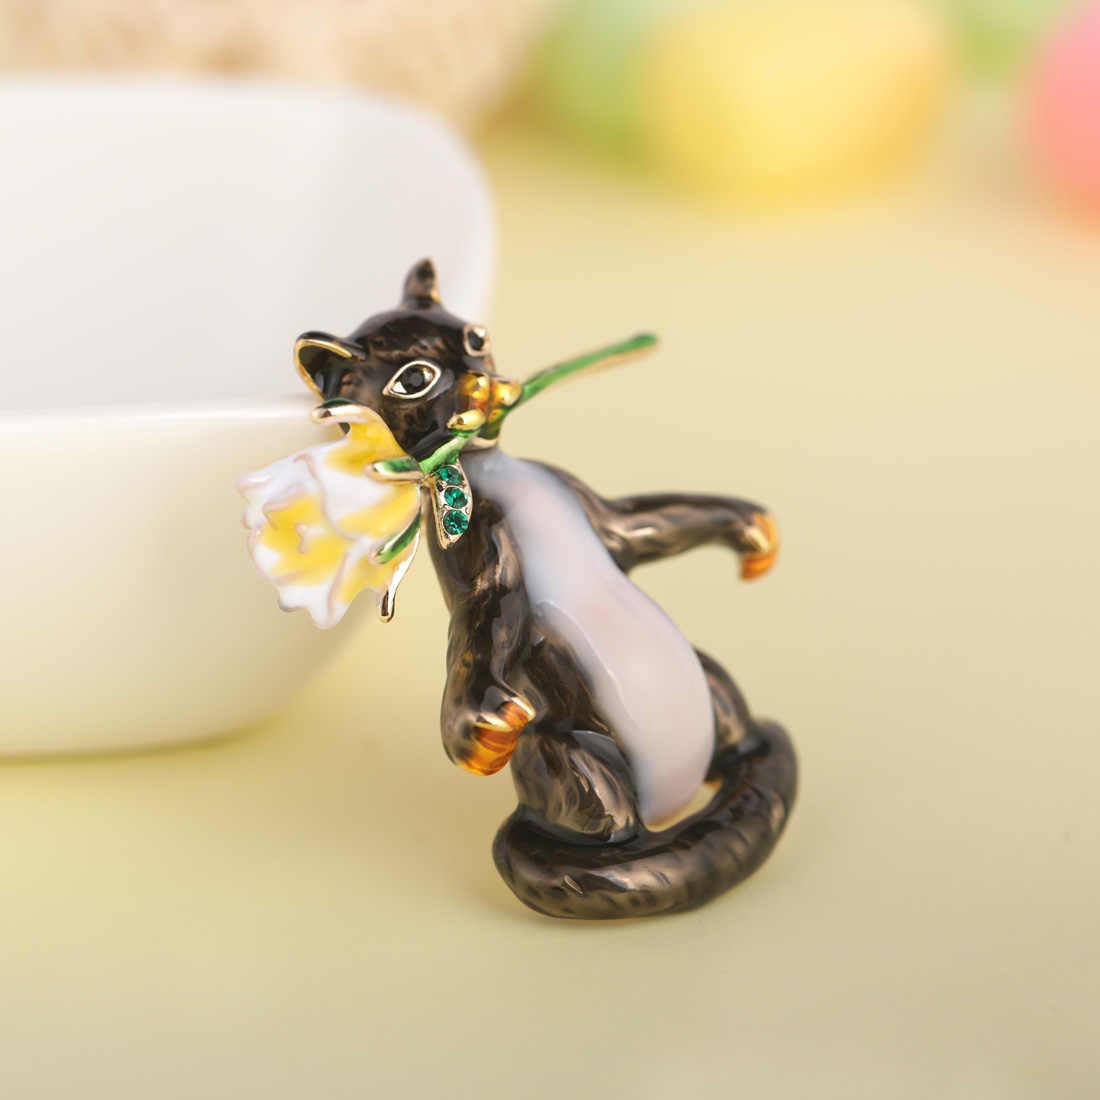 Blucome Bello Smalto Gatti Con Il Fiore Spille Per Le Donne I Bambini Regalo Signore di Modo Animale Brooch Bouquet Collare Spilli Gioielli